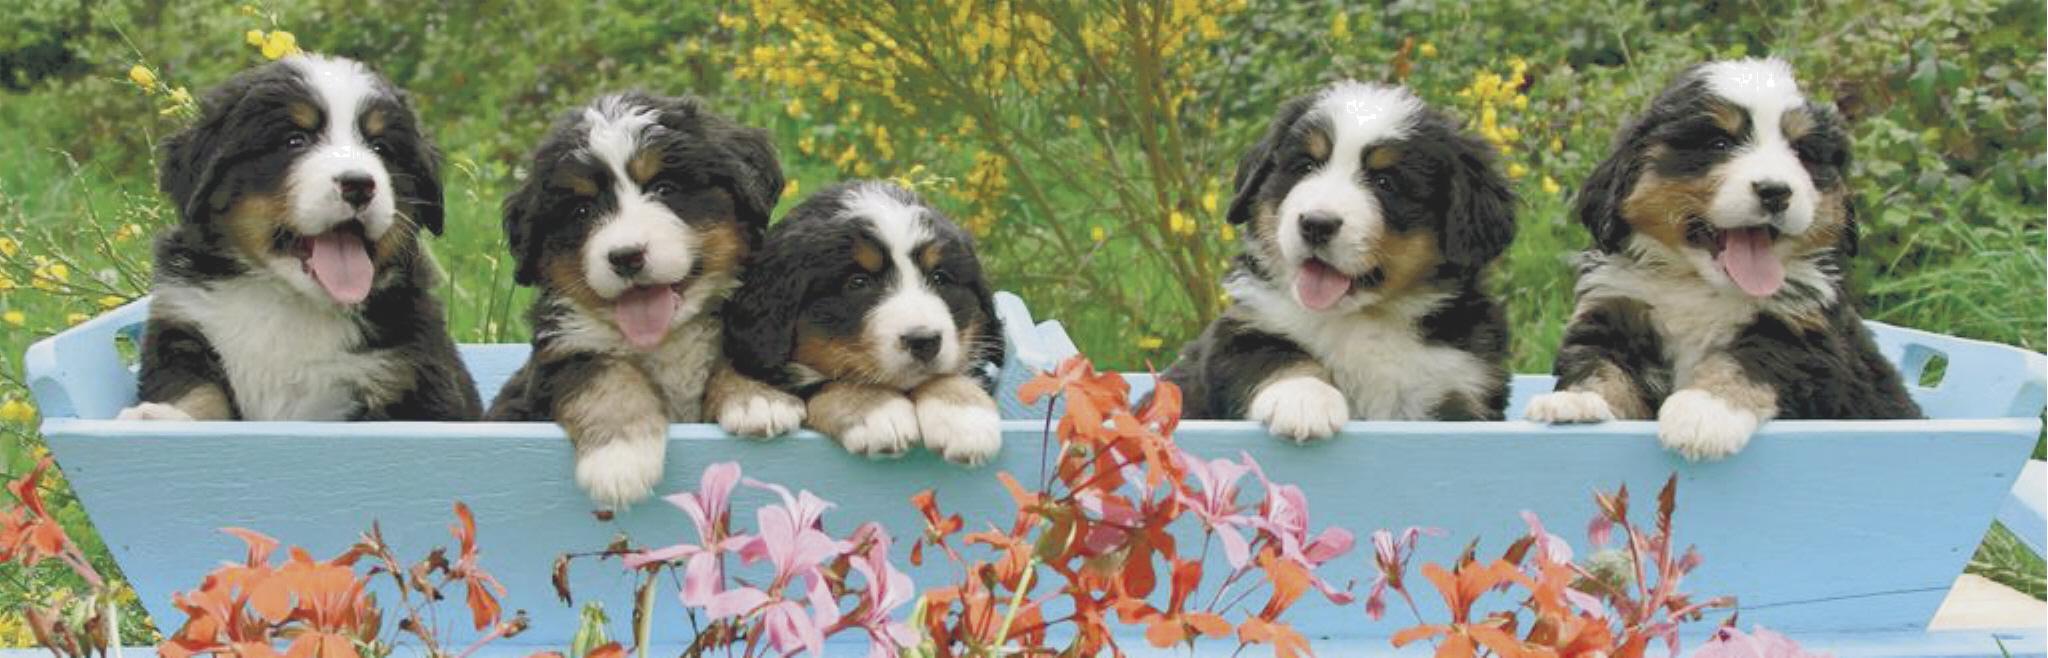 Pups_website